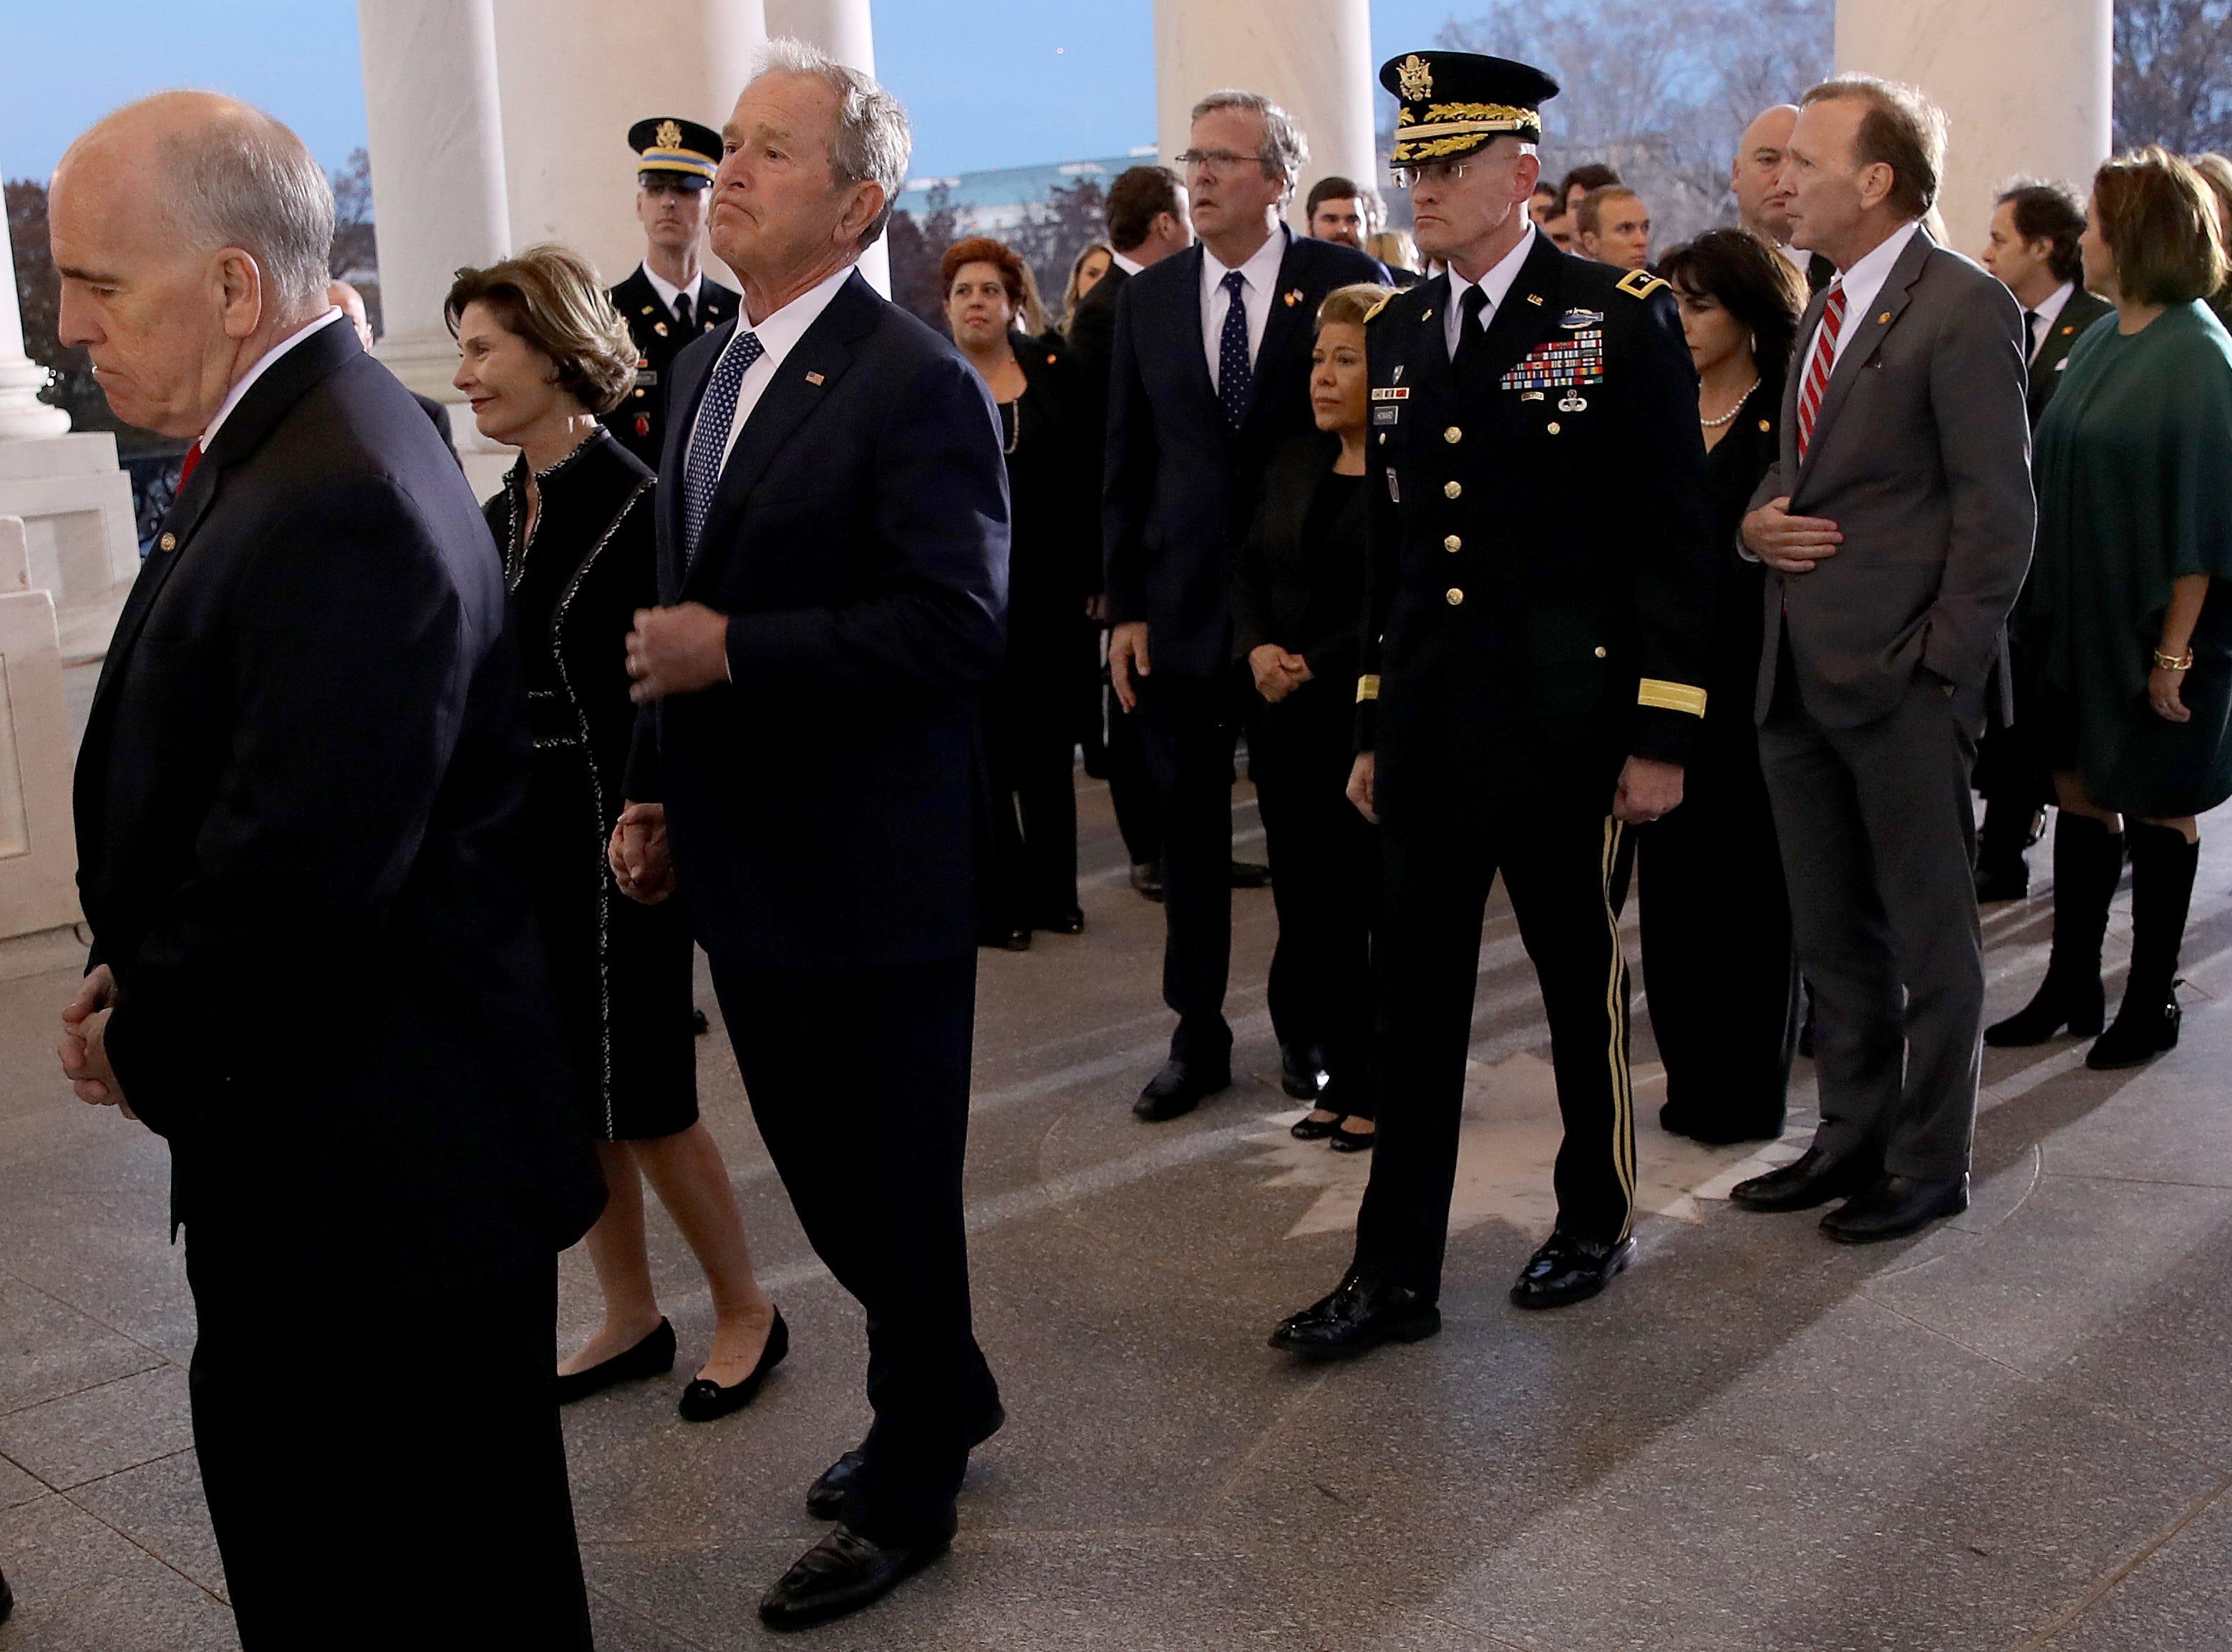 El ex presidente de los EE. UU., George W. Bush, y los miembros de su familia, siguen el ataúd que lleva a su padre, el ex presidente de los EE. UU., George H. W. Bush, al Capitolio de los EE. UU. El 3 de diciembre de 2018 en Washington, DC.